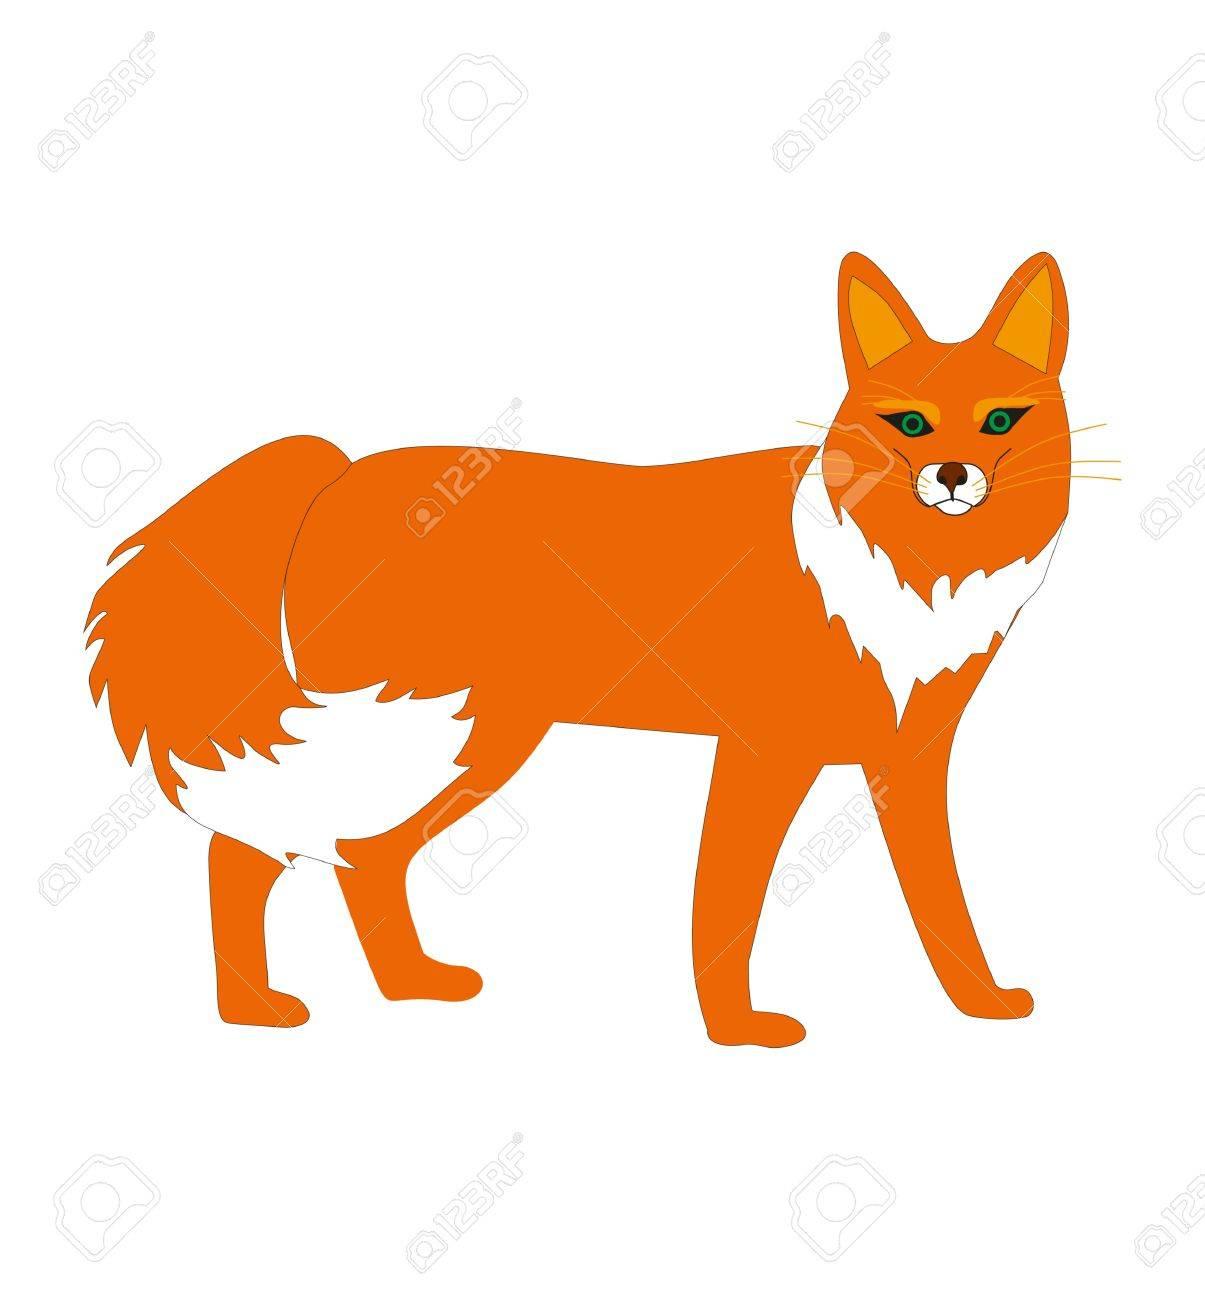 図ではオレンジ色動物のキツネ